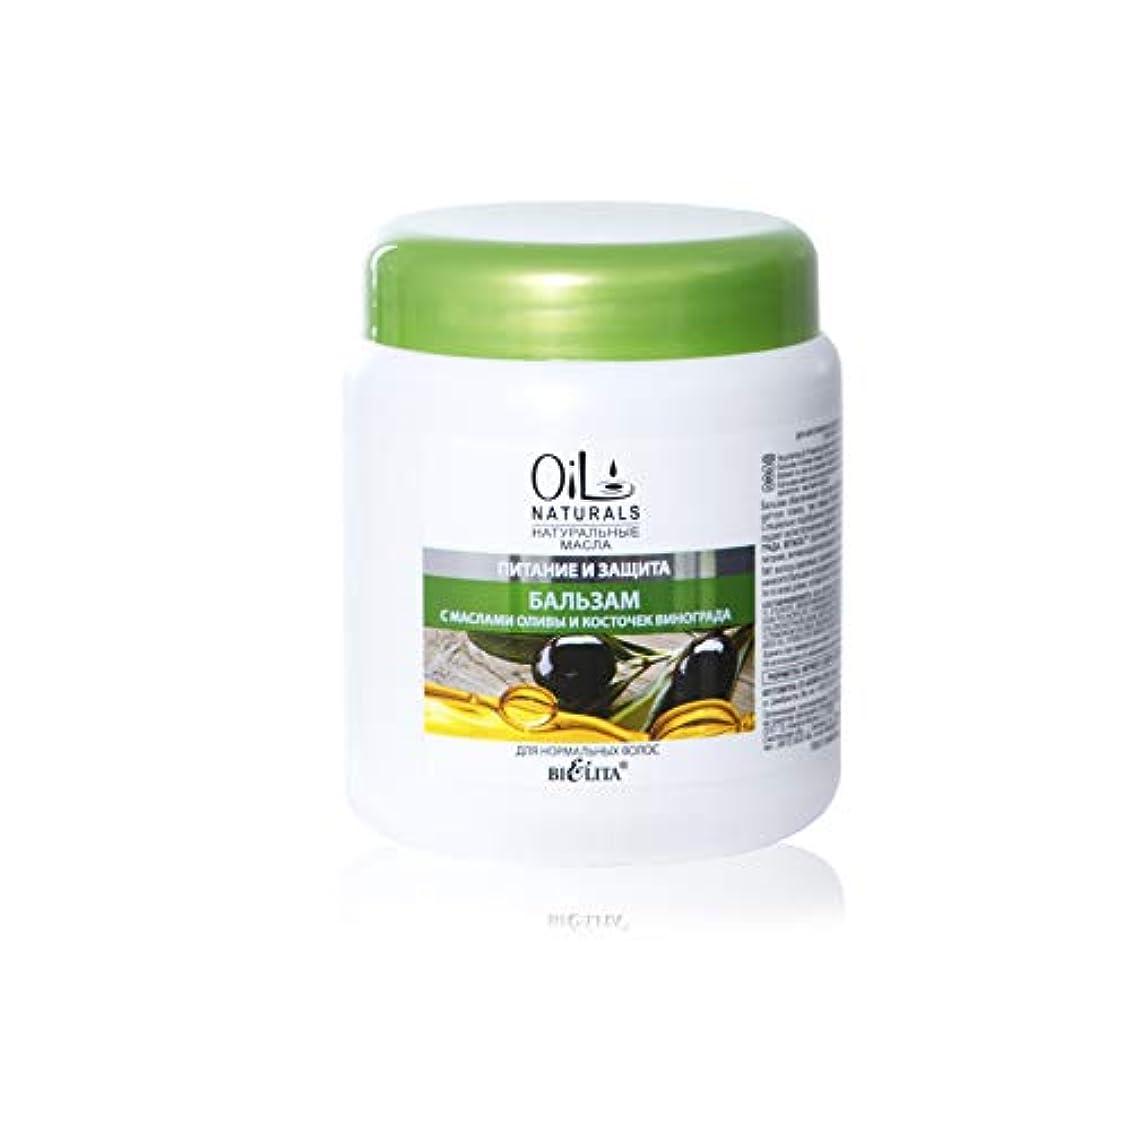 緊張コンペ刺しますBielita & Vitex Oil Naturals Line | Nutrition & Protection Balm for Normal Hair, 450 ml | Grape Seed Oil, Silk...